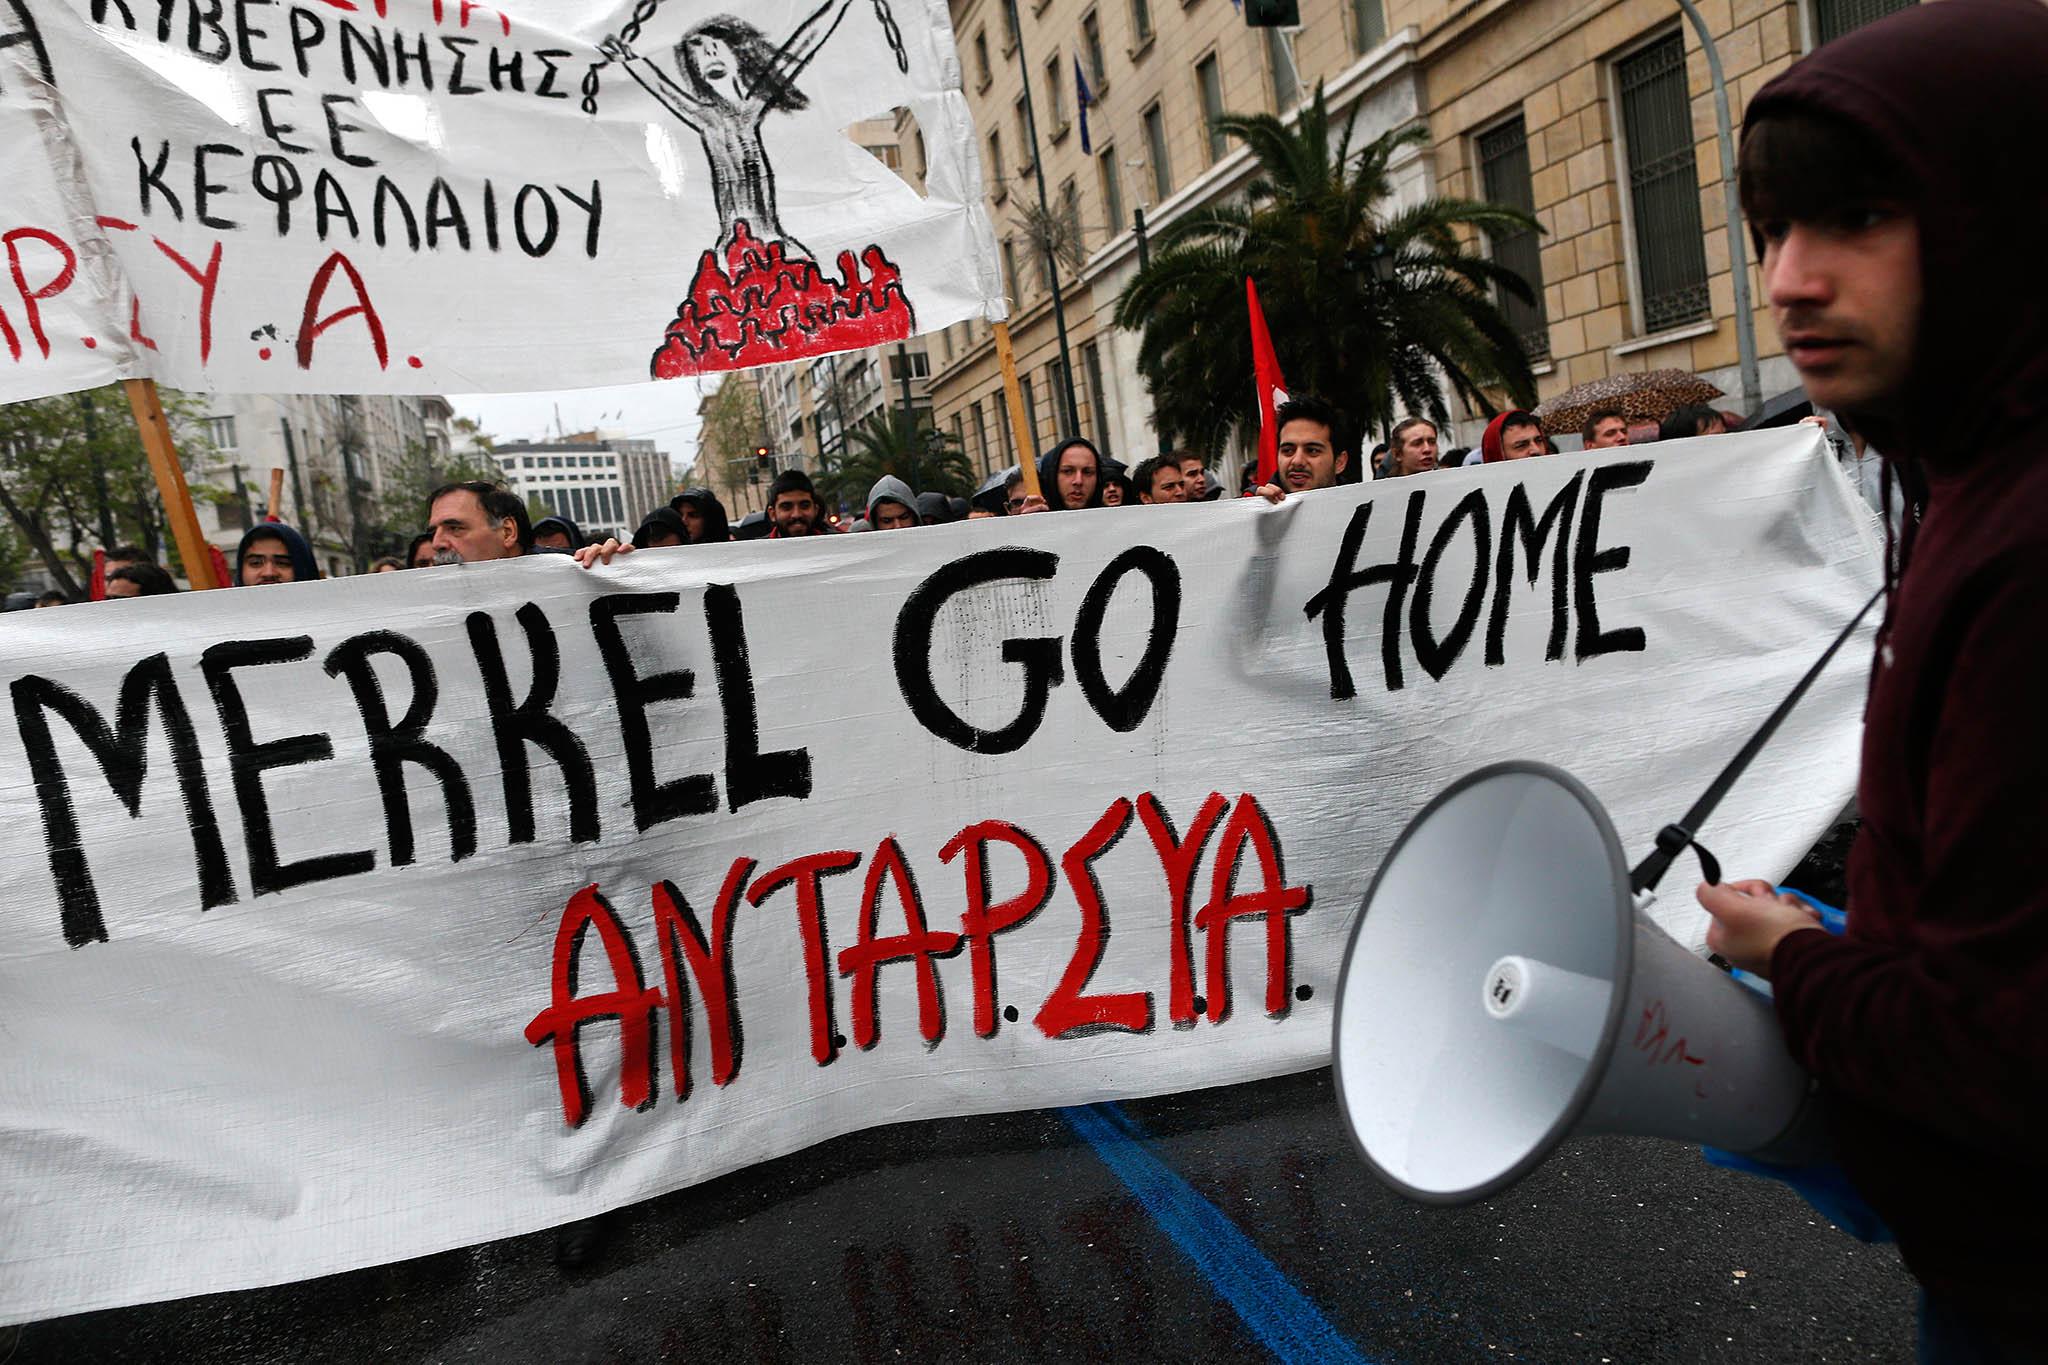 Proti Německu. Řecké protesty proti německé politice v dluhové krizi mířily hojně na spolkovou kancléřku Angelu Merkelovou.